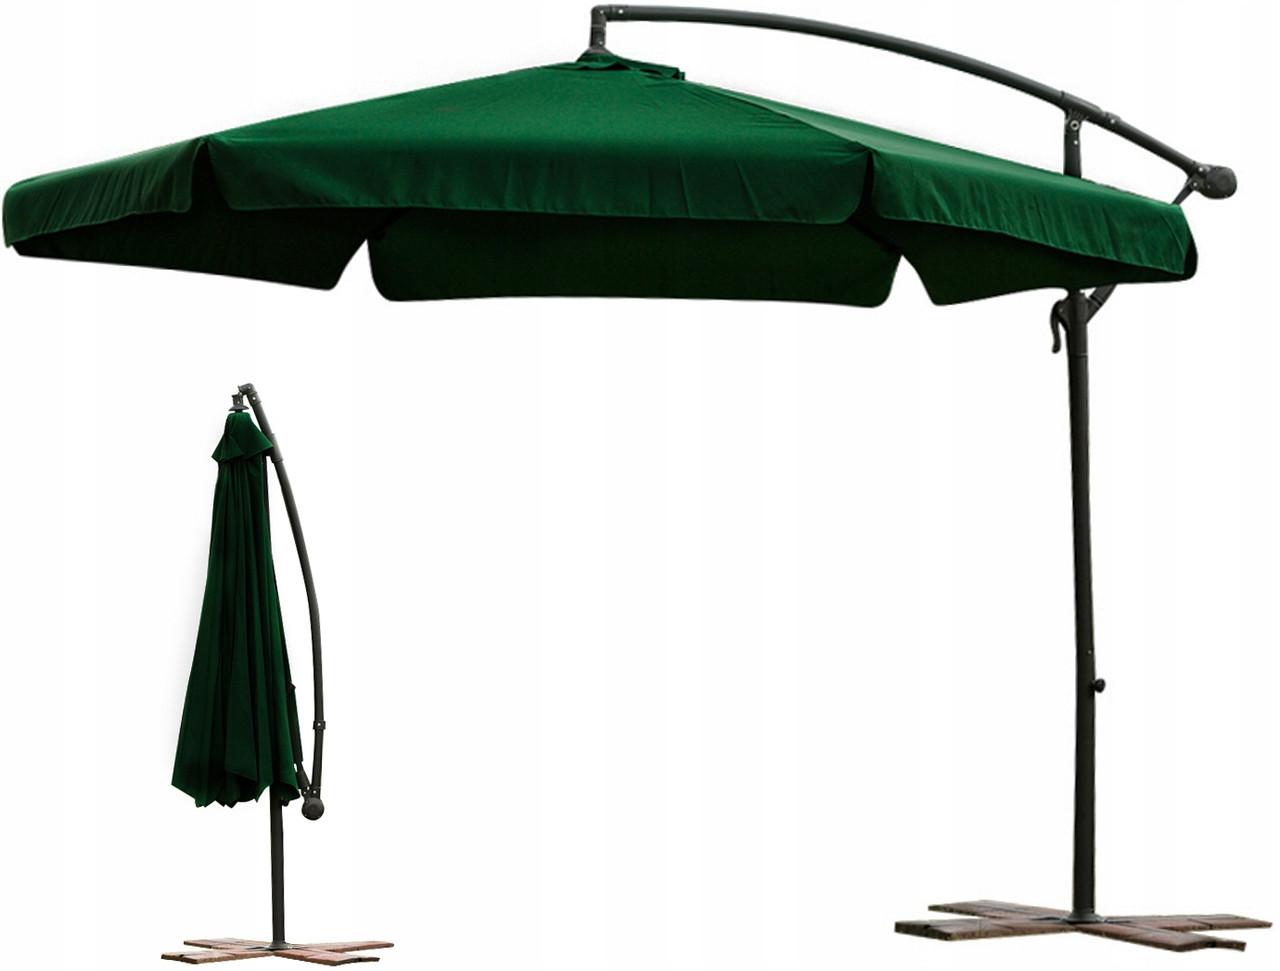 Садовый зонт с боковой стойкой 3 м  Парасоля Зеленый